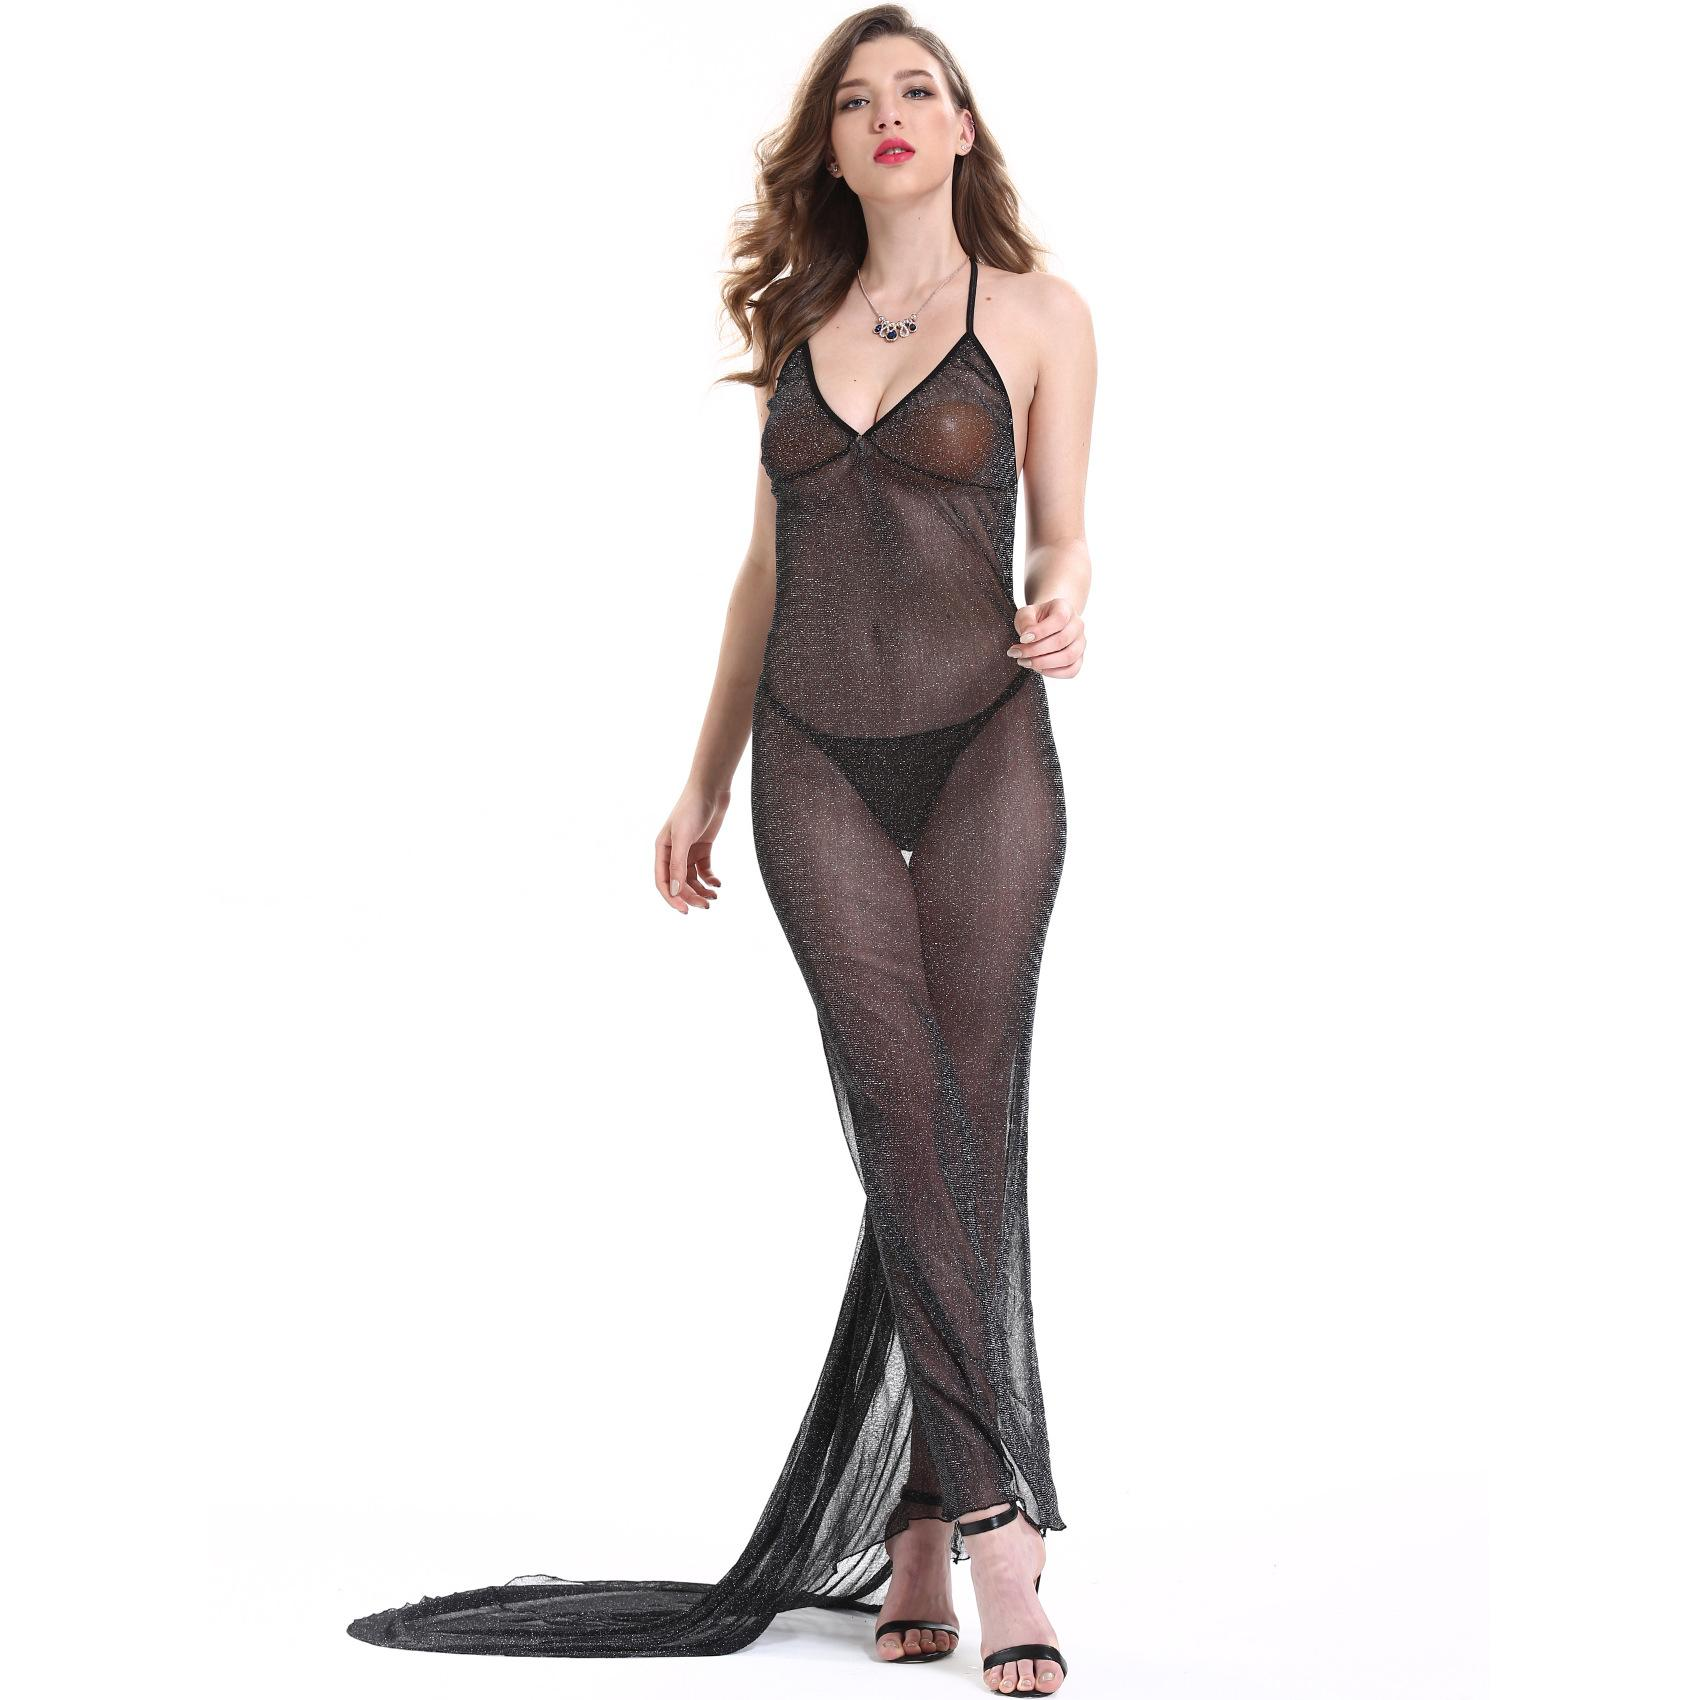 Exotische Kleidung Fein Sexy Erotische Dessous Frauen Porno Babydoll Offenen Bh Gabelung Dessous Kleid Heiße Spitze Sexy Erotische Kostüme Nuisette Unterwäsche Exotische Damenbekleidung